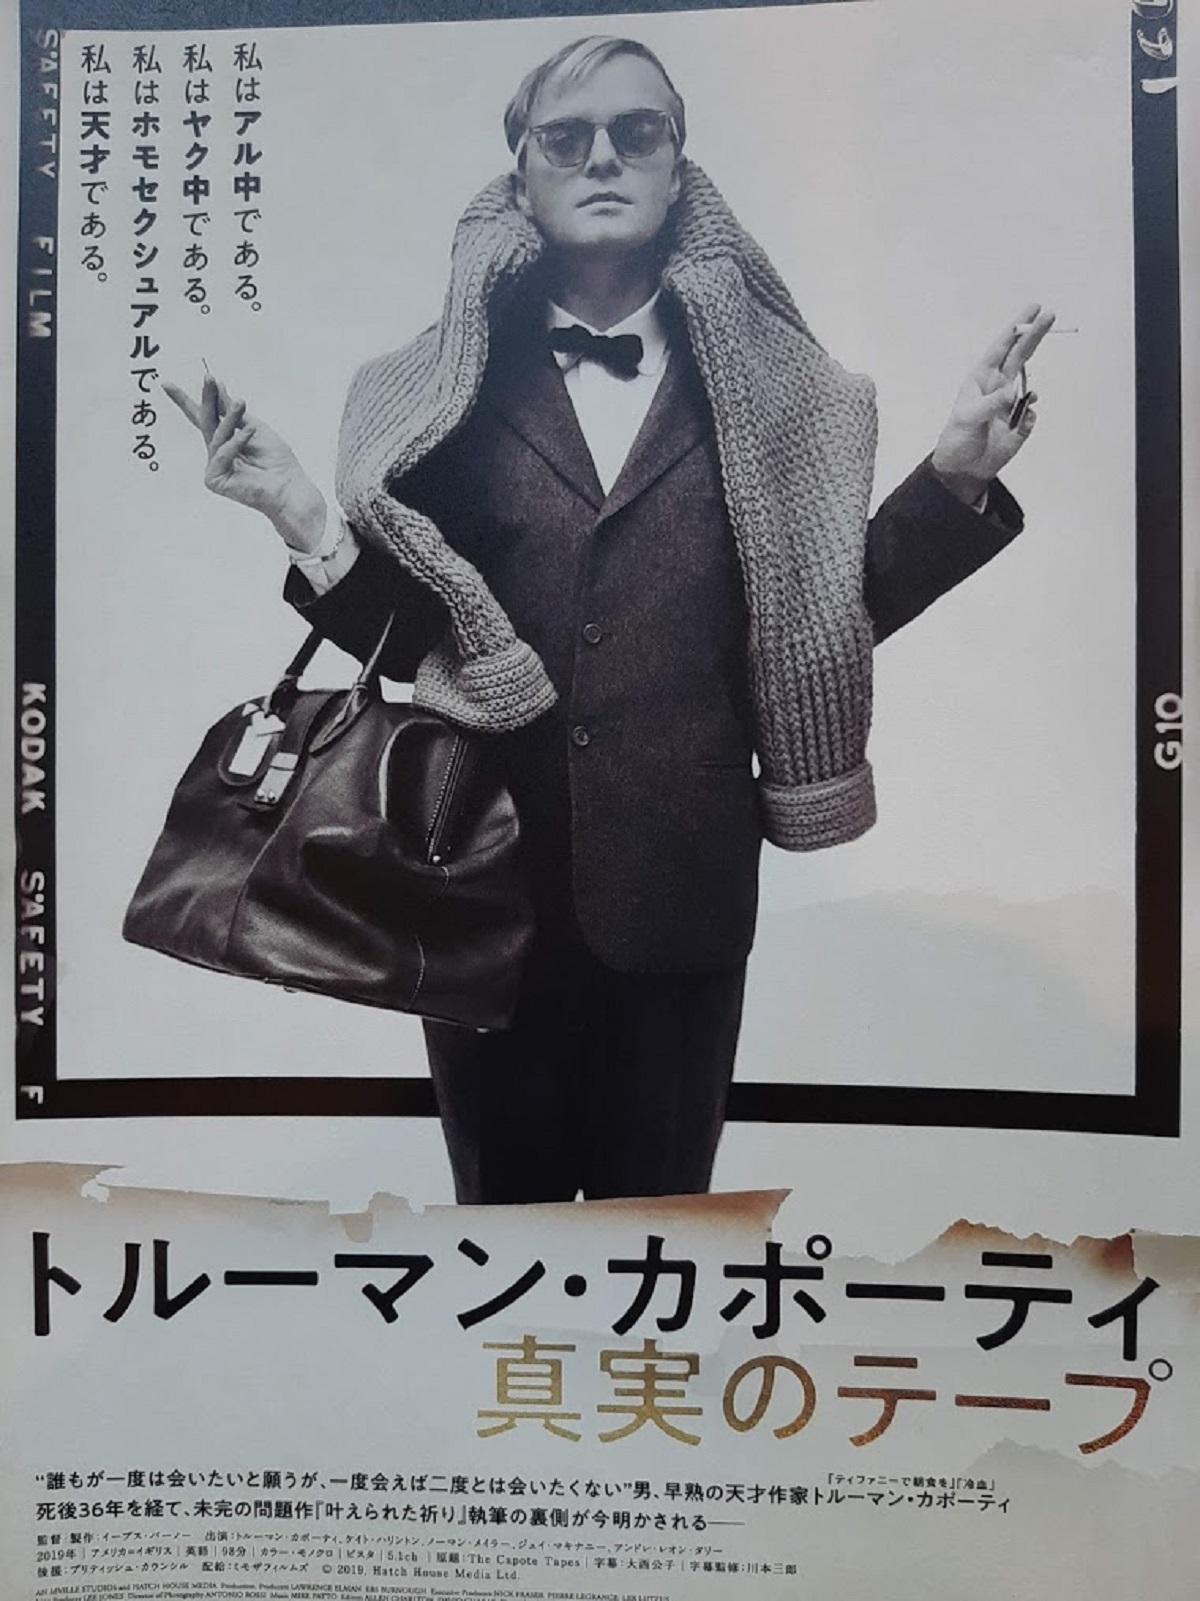 映画『トルーマン・カポーティ 真実のテープ』のチラシポスター